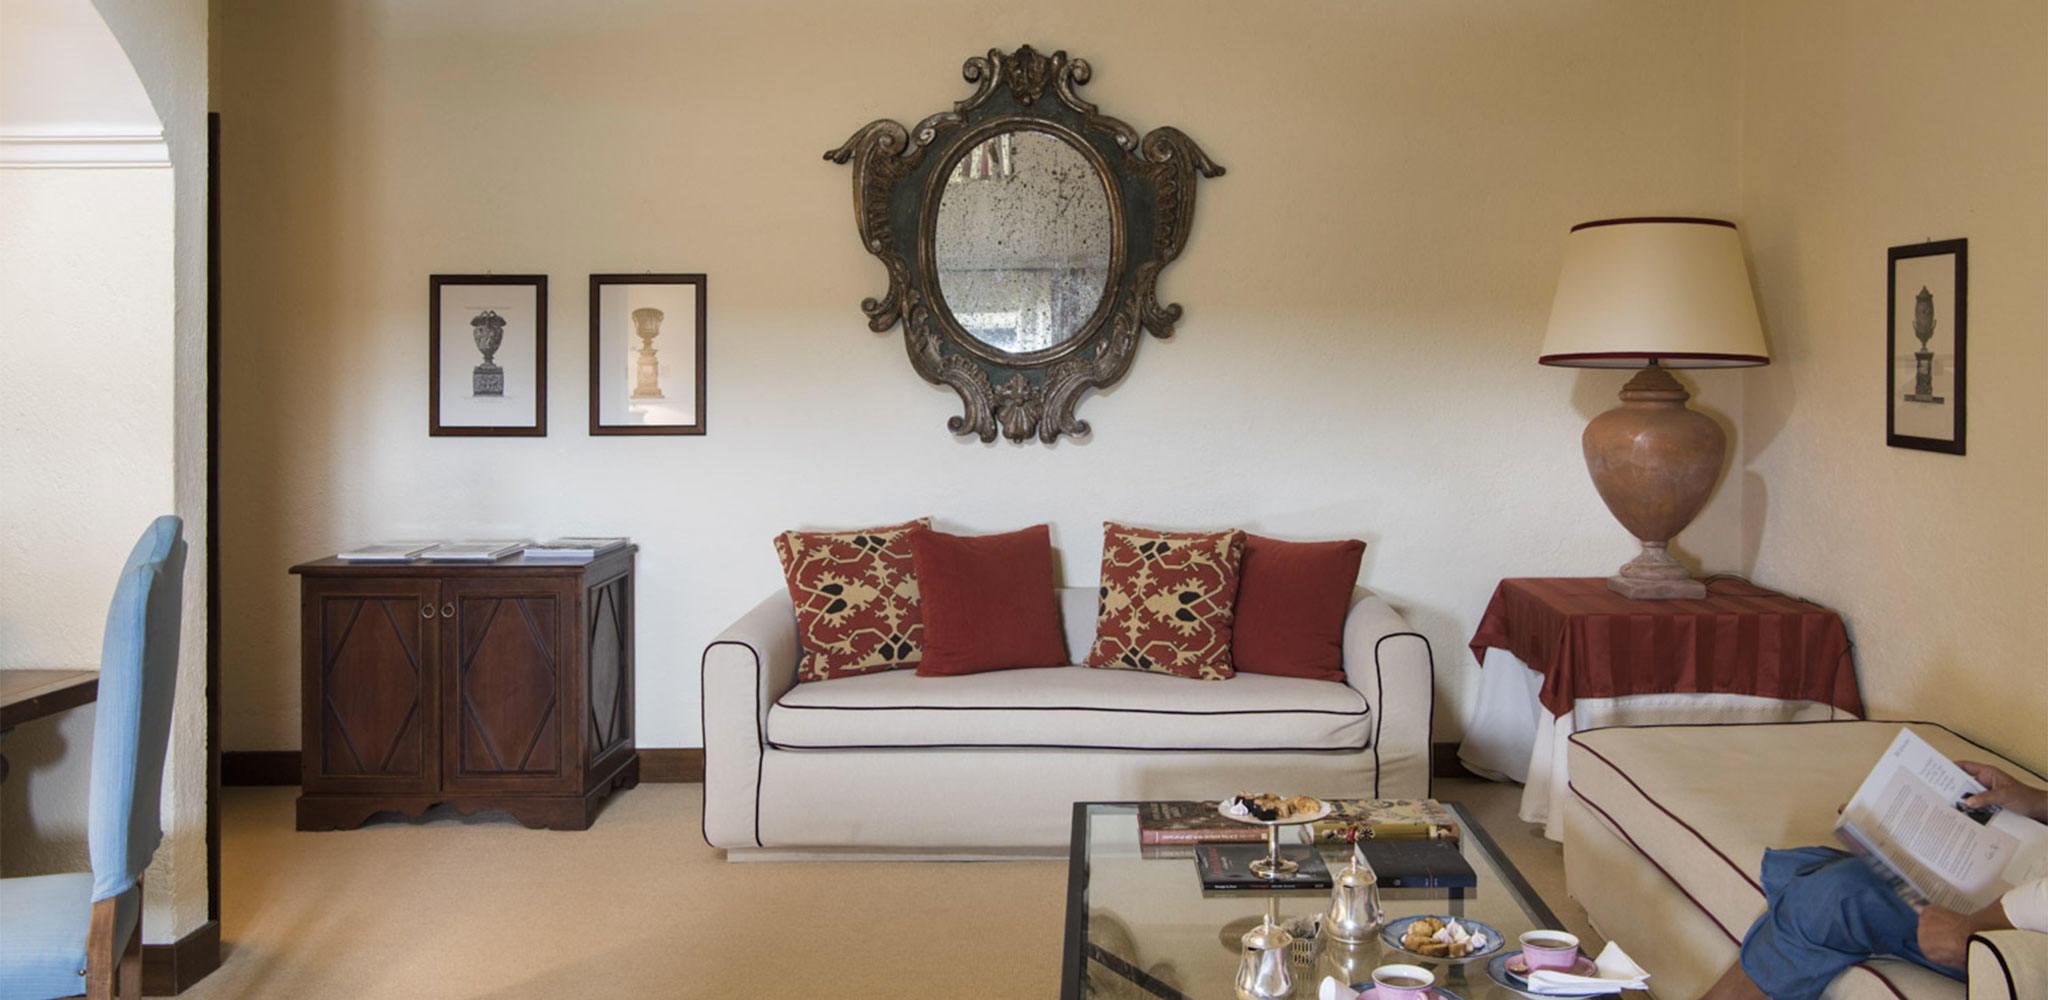 luxury-hotel-in-rome-italy-la-posta-vecchia-401459